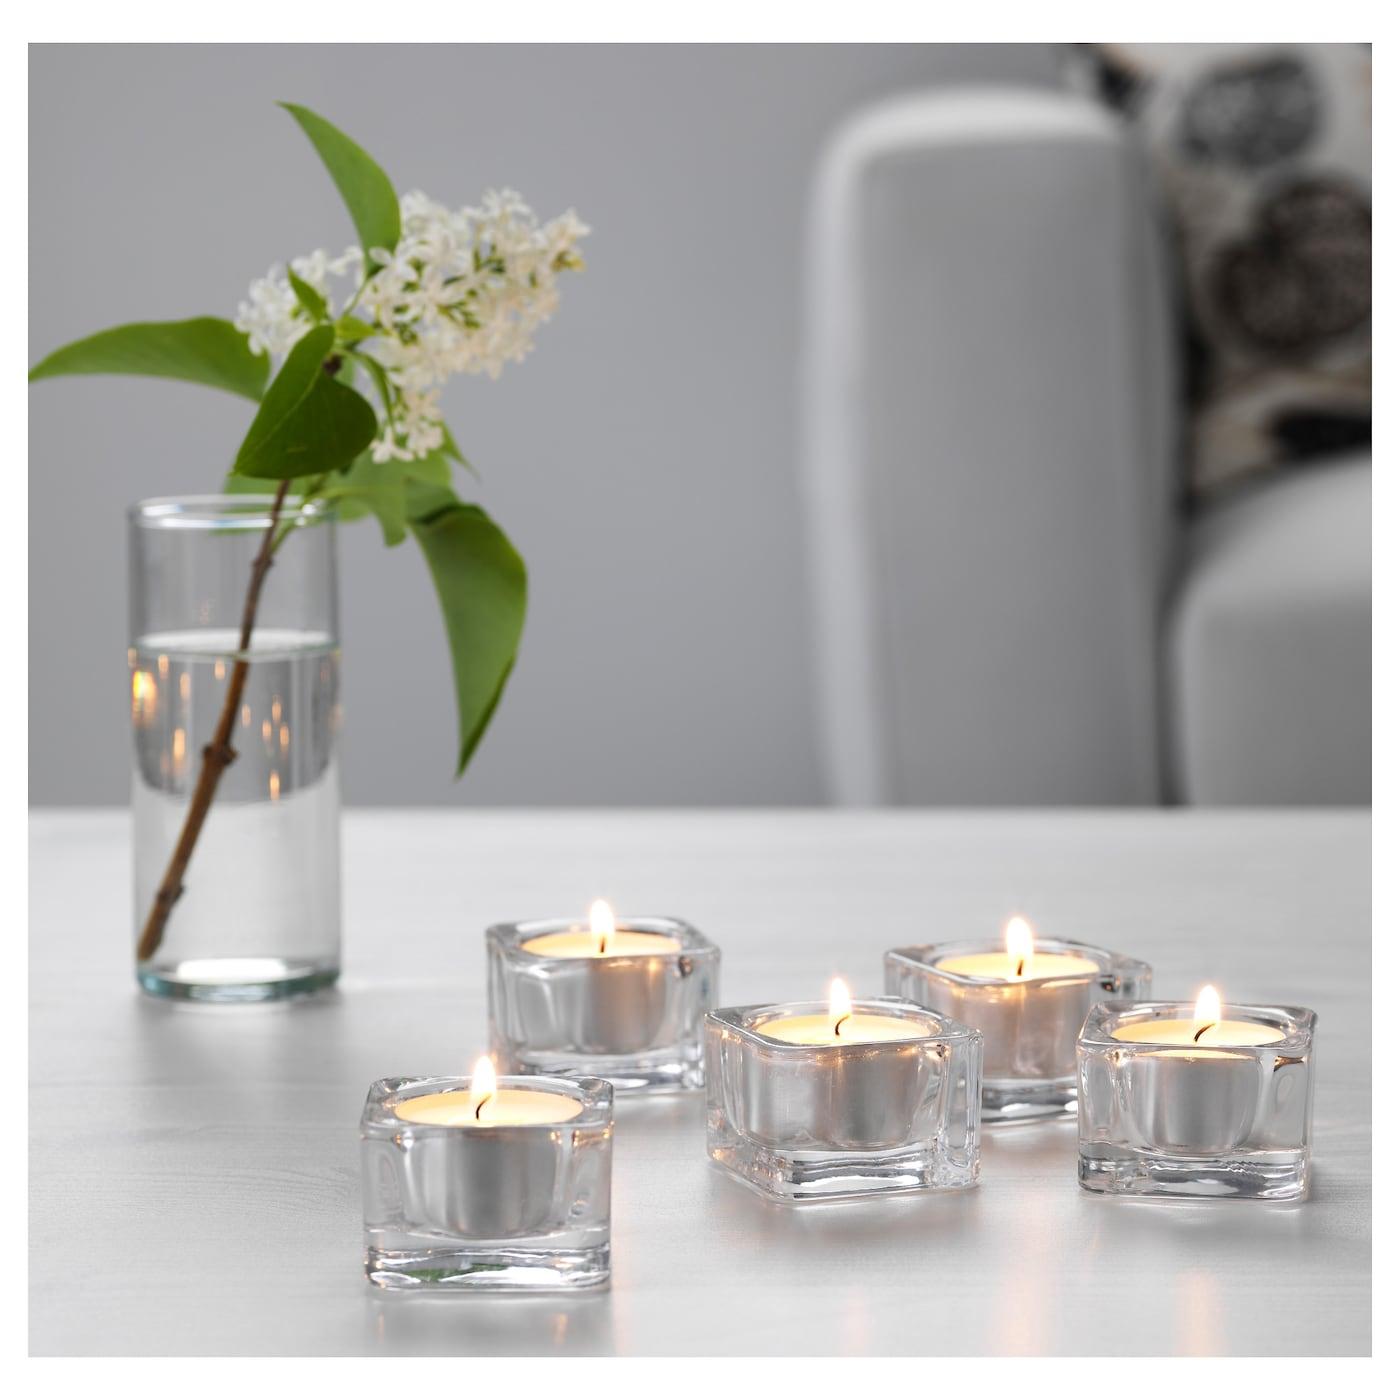 glasig tealight holder clear glass 5x5 cm ikea. Black Bedroom Furniture Sets. Home Design Ideas